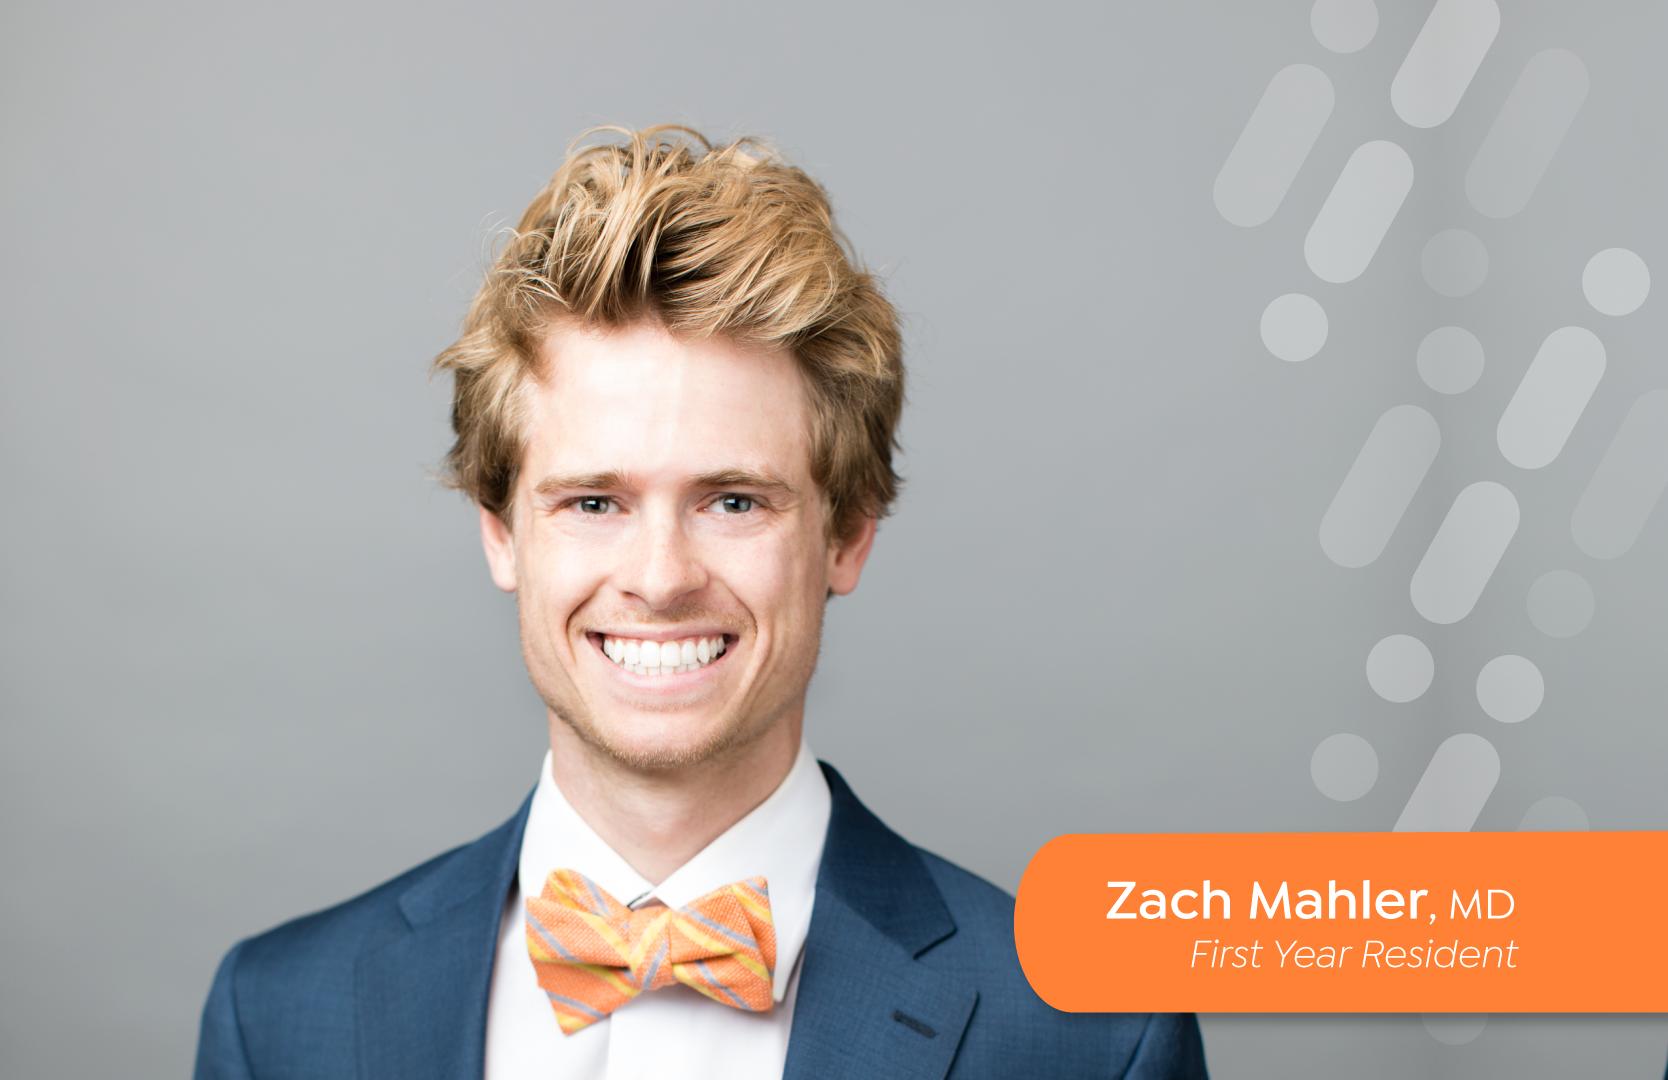 Dr. Zach Mahler